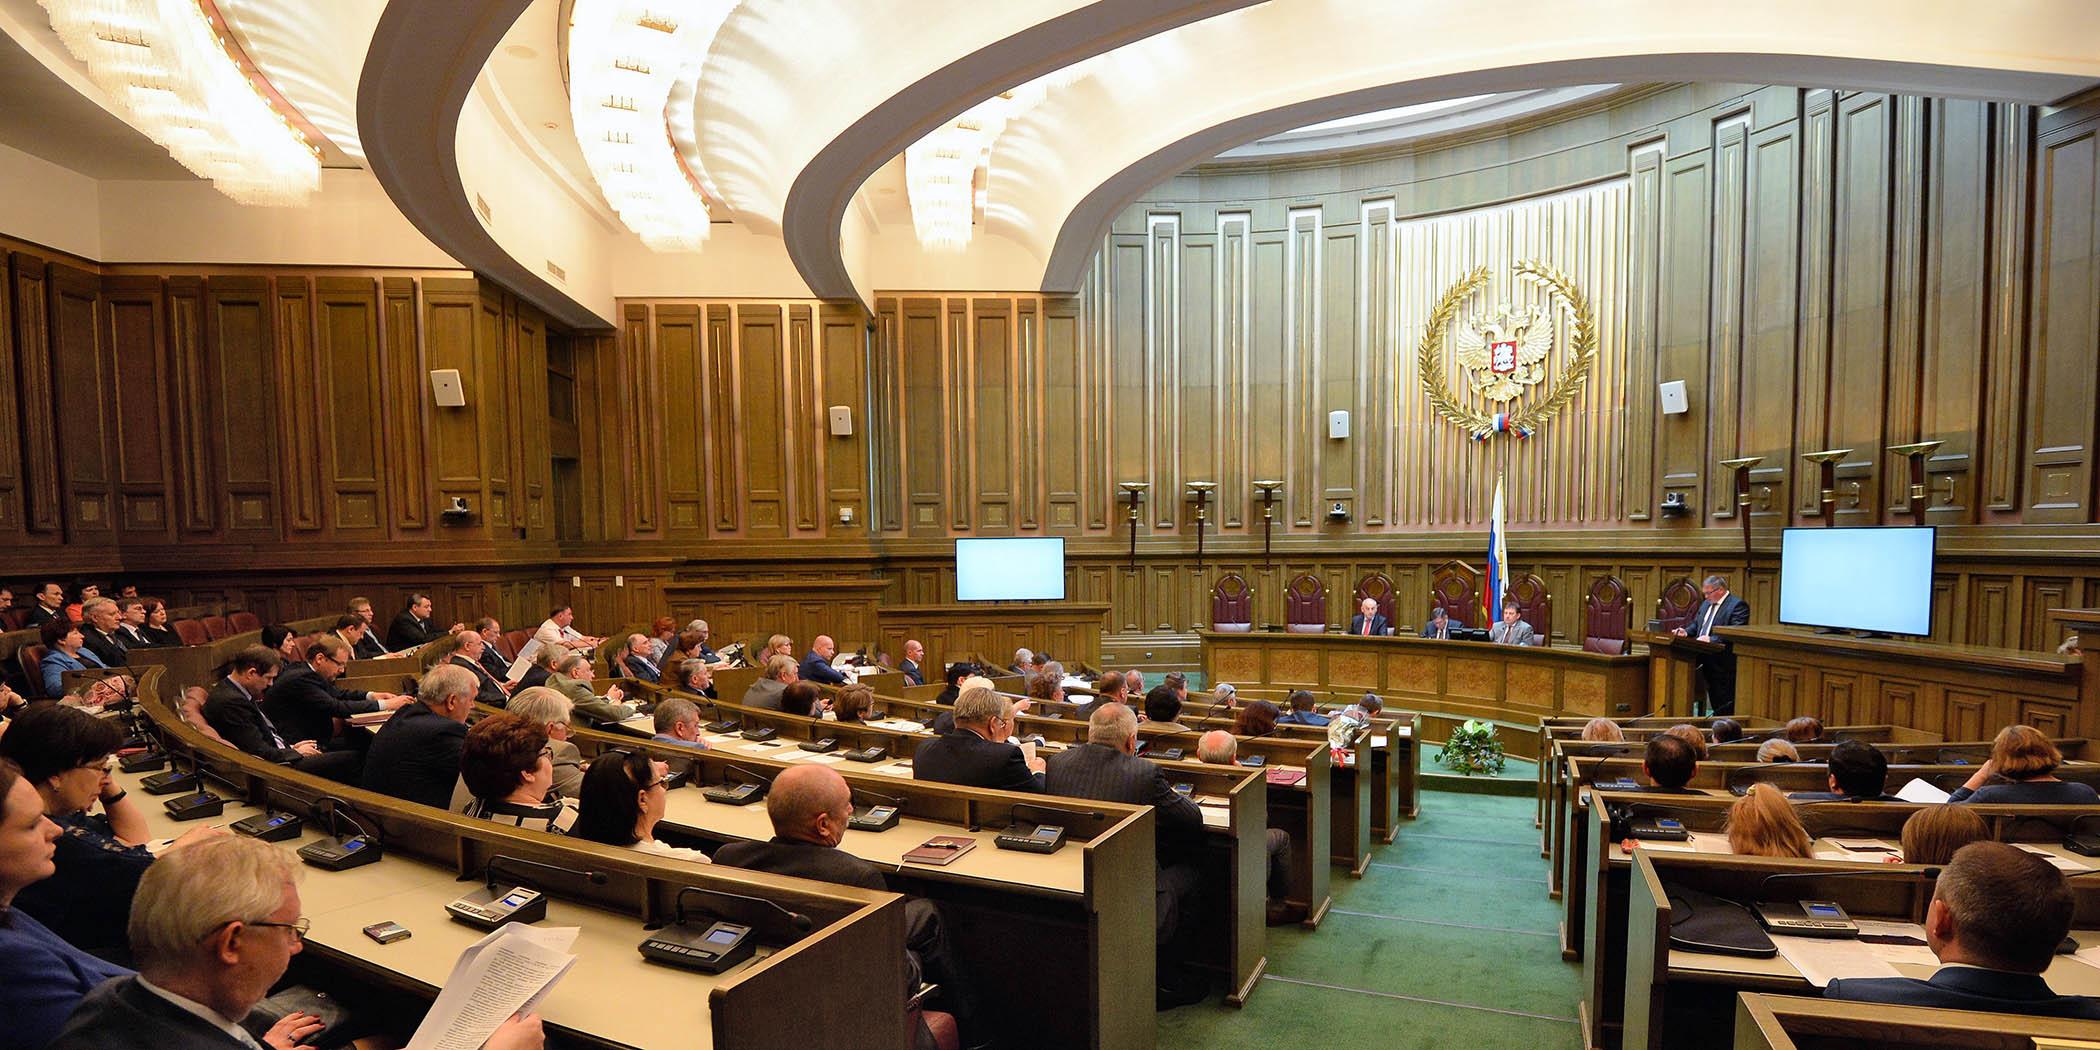 верховный суд рф дело 13 кф-15-309 огней